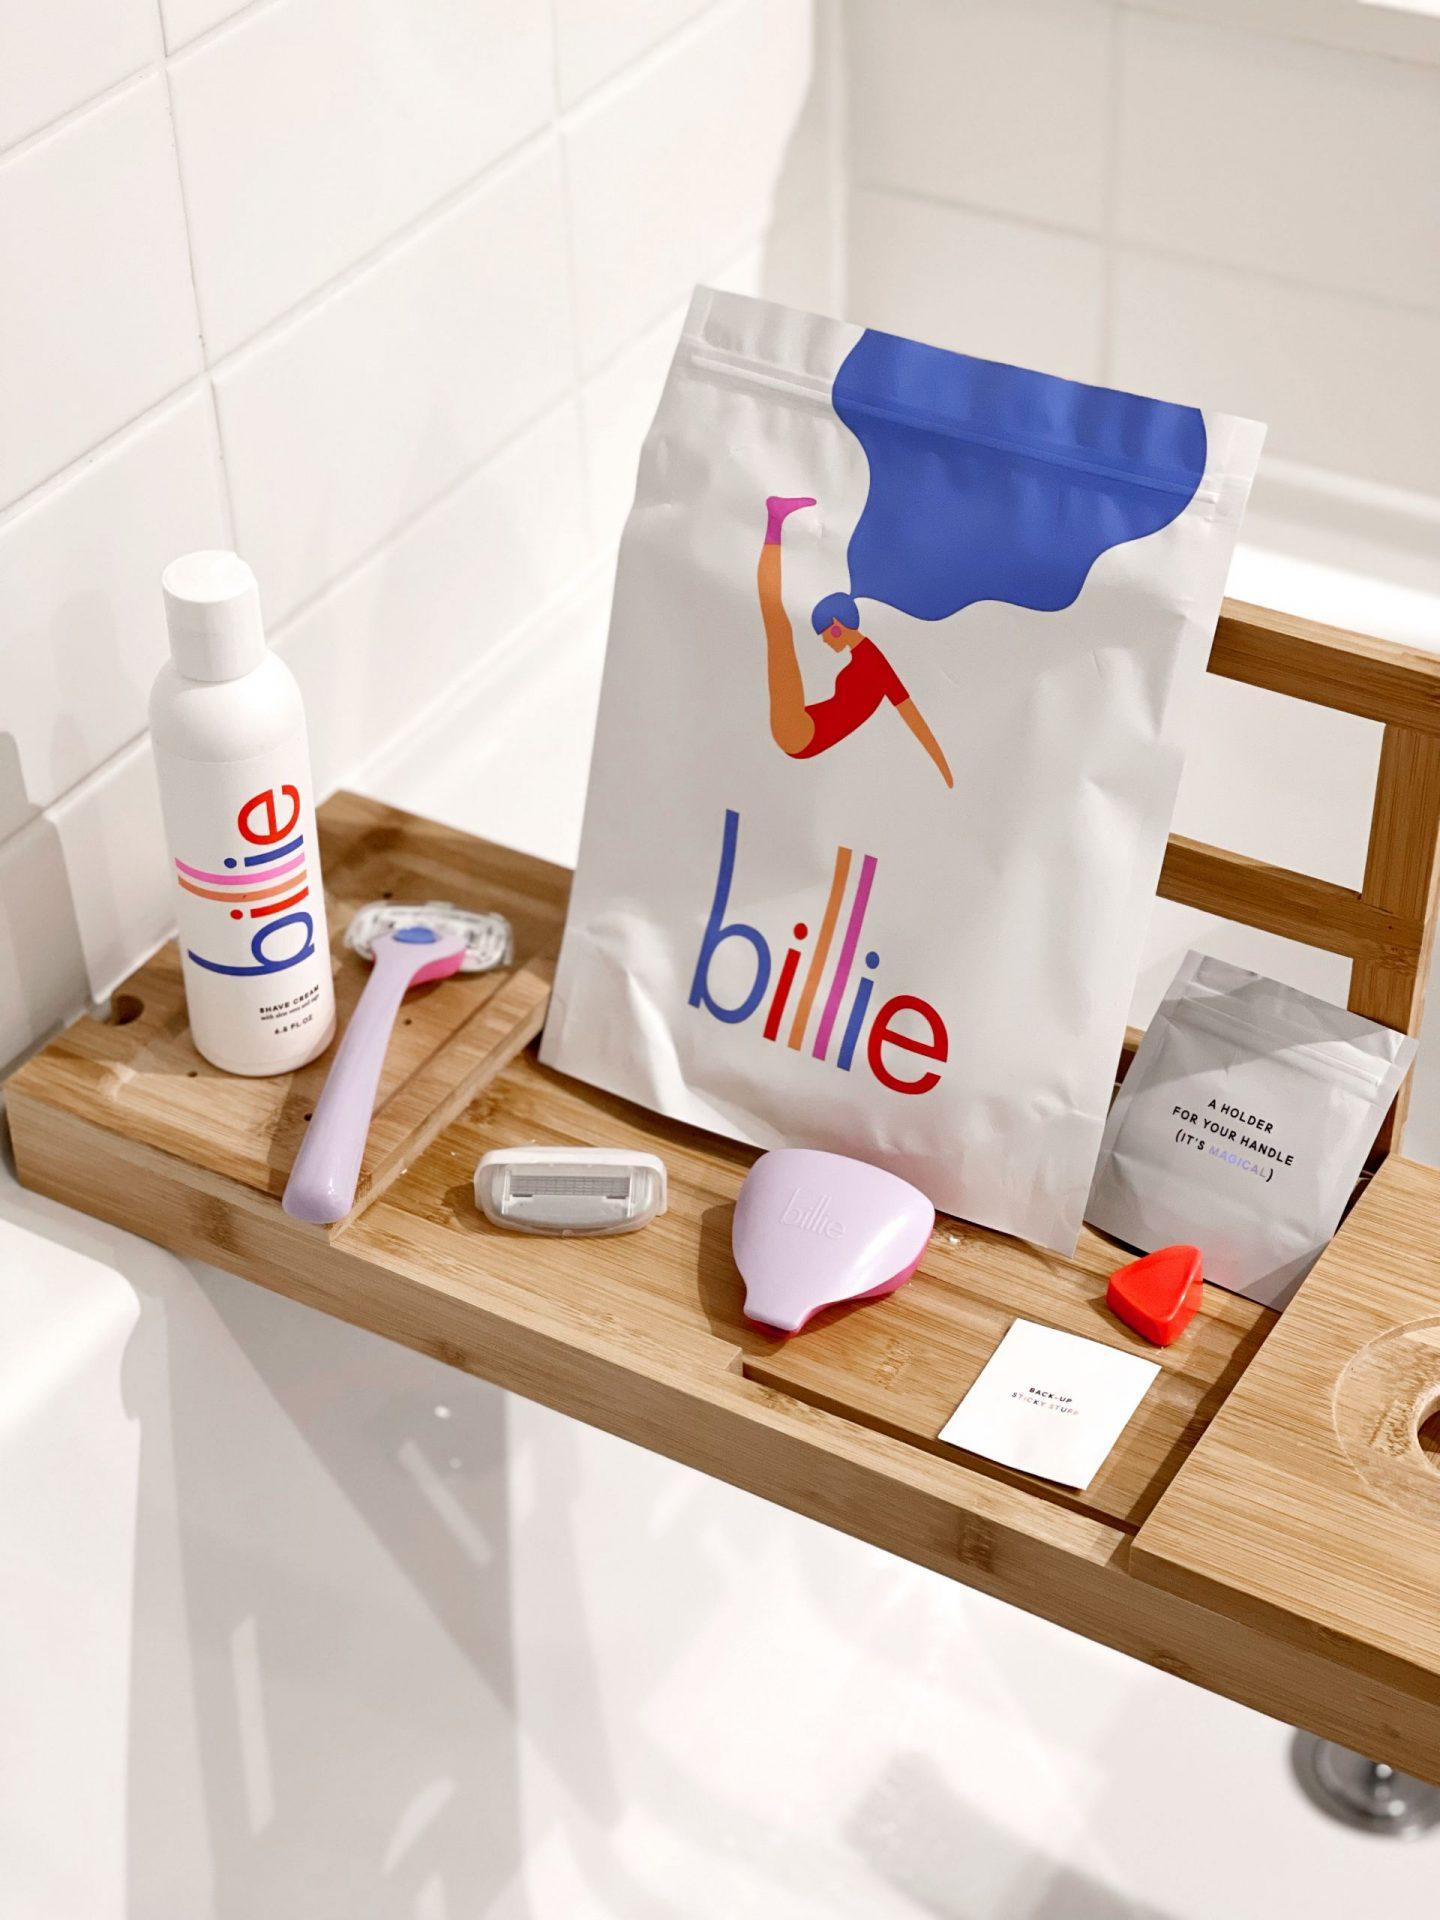 billie razors shaving kit review